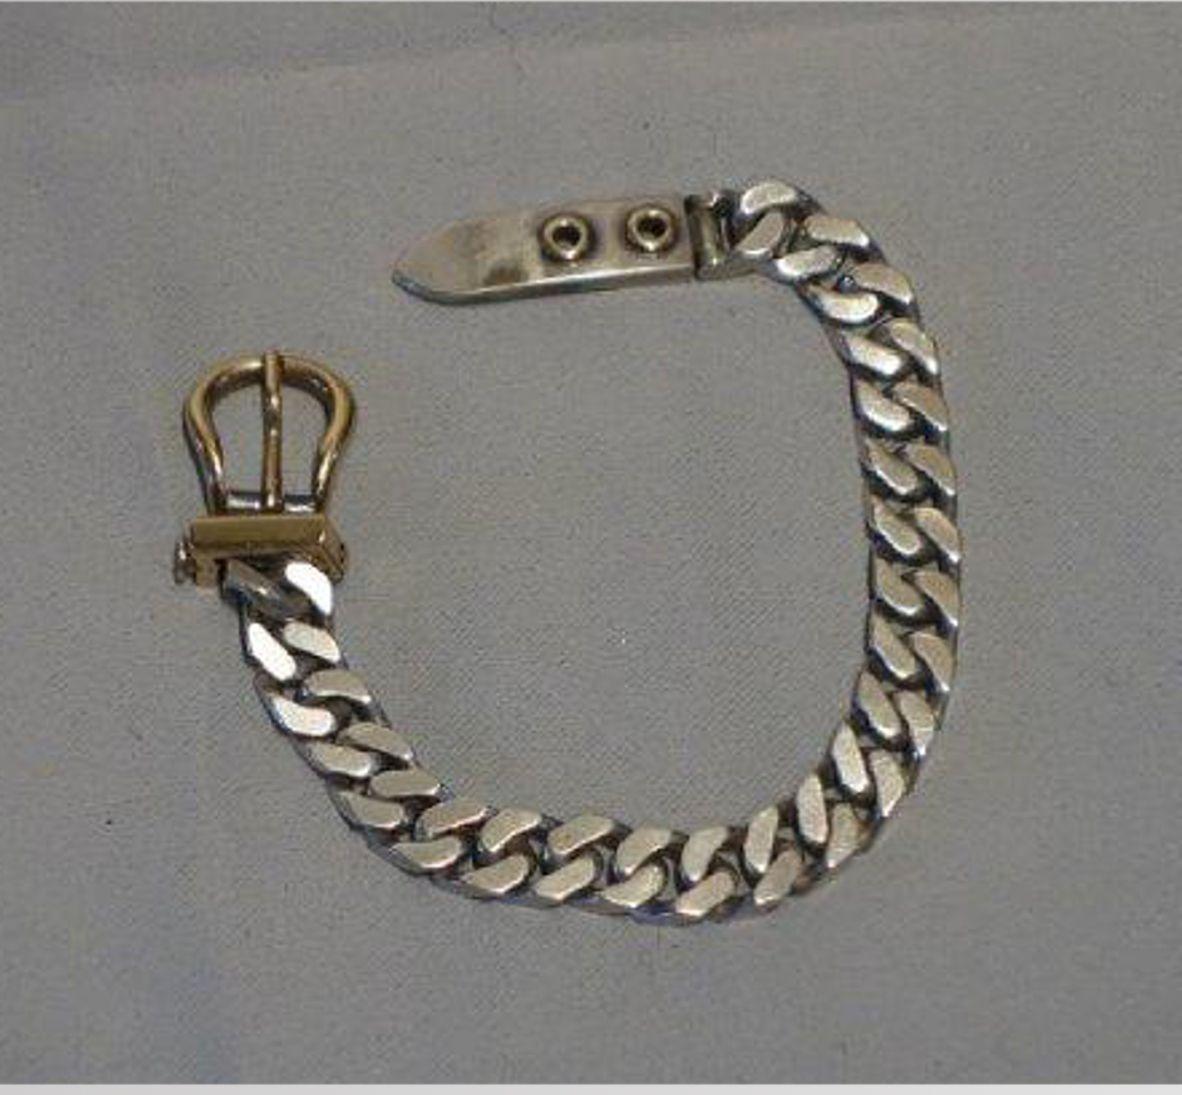 HERMES, bracelet ceinture en argent, maillons gourmettes, boucle en or,  signé. c5550d8a27d